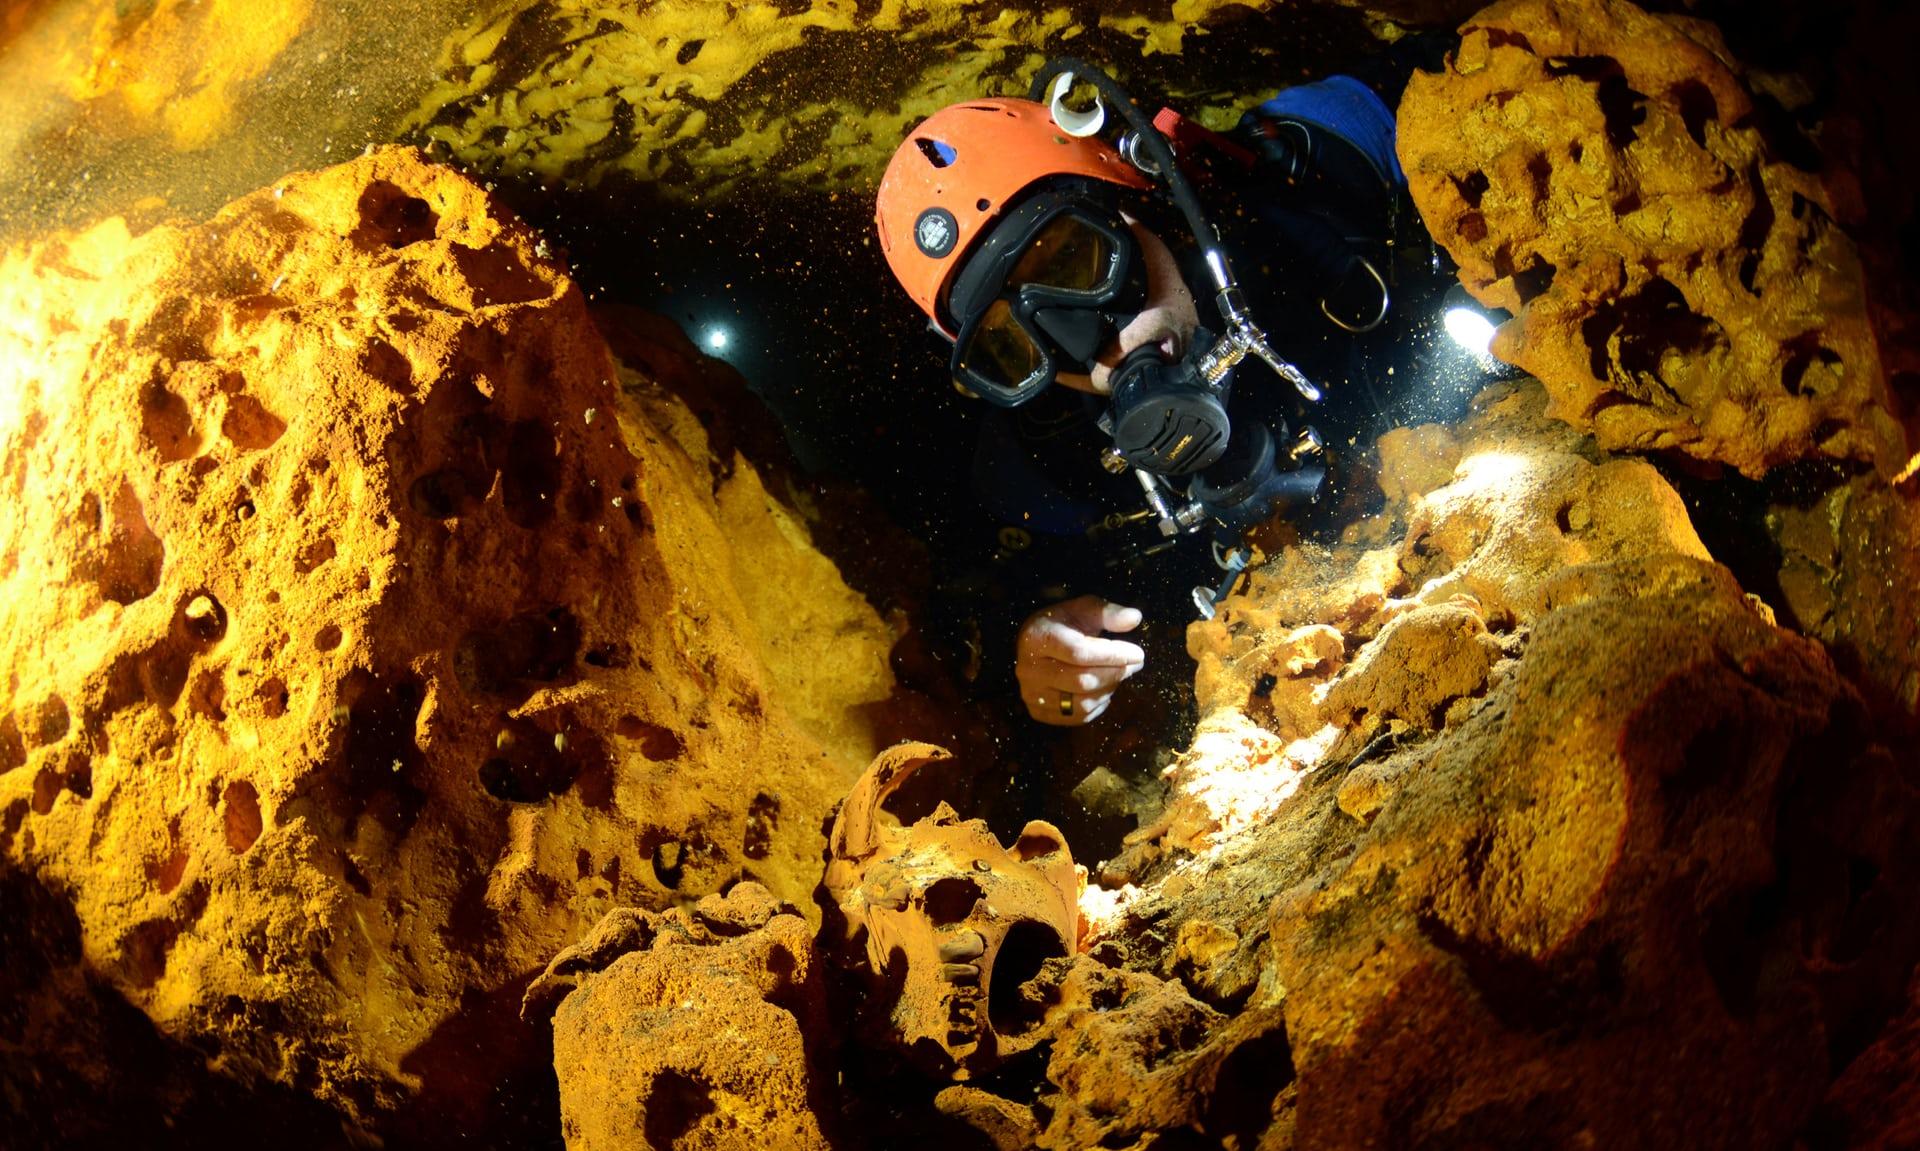 Tesouros em túnel submerso